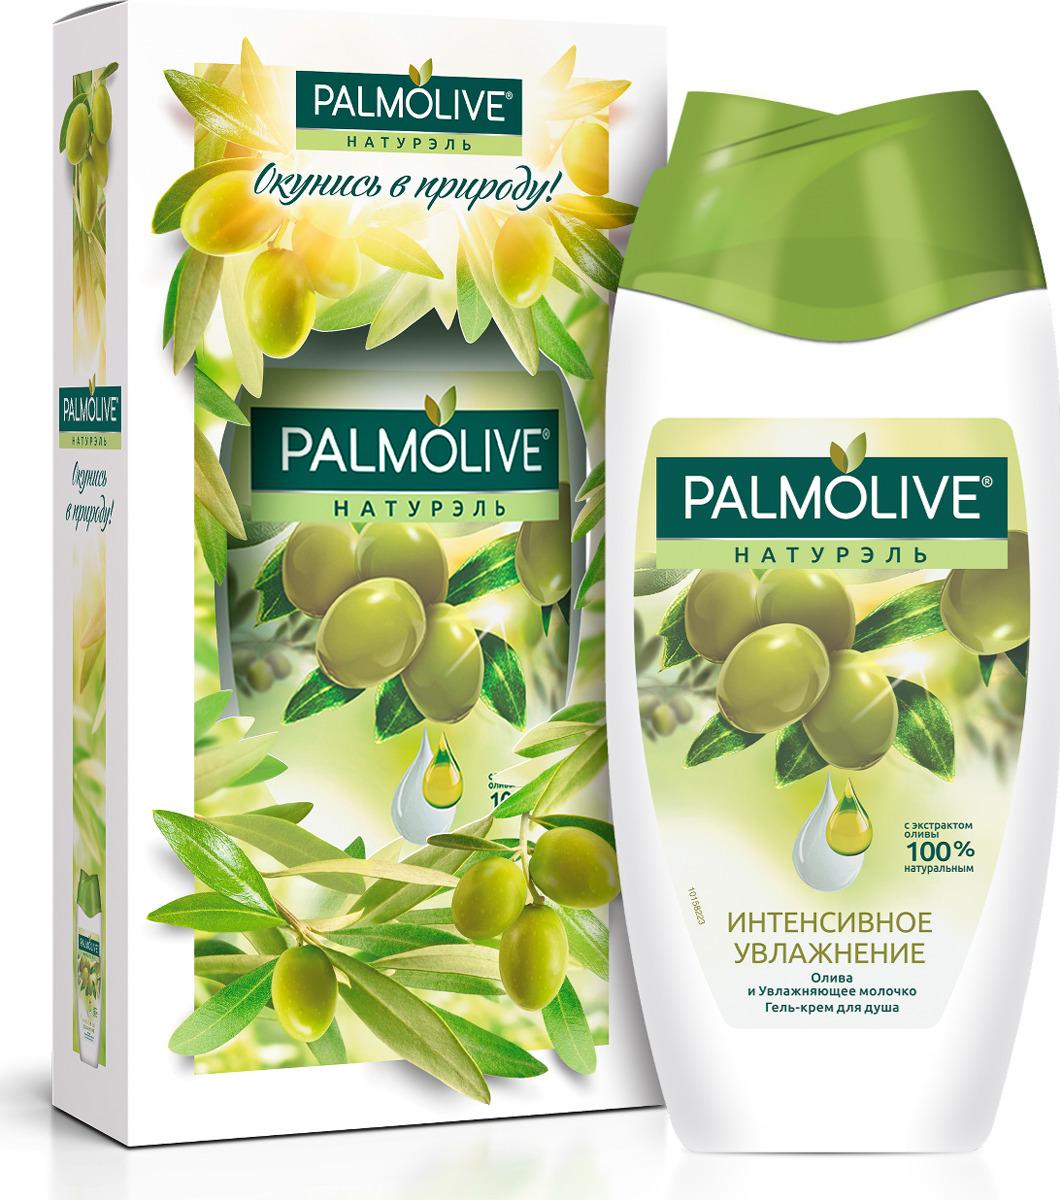 Гель для душа Palmolive Интенсивное увлажнение. Олива и увлажняющее молочко, 250 мл гель крем д душа palmolive натурэль интенсивное увлажнение олива и молочко 250мл 12шт 04674